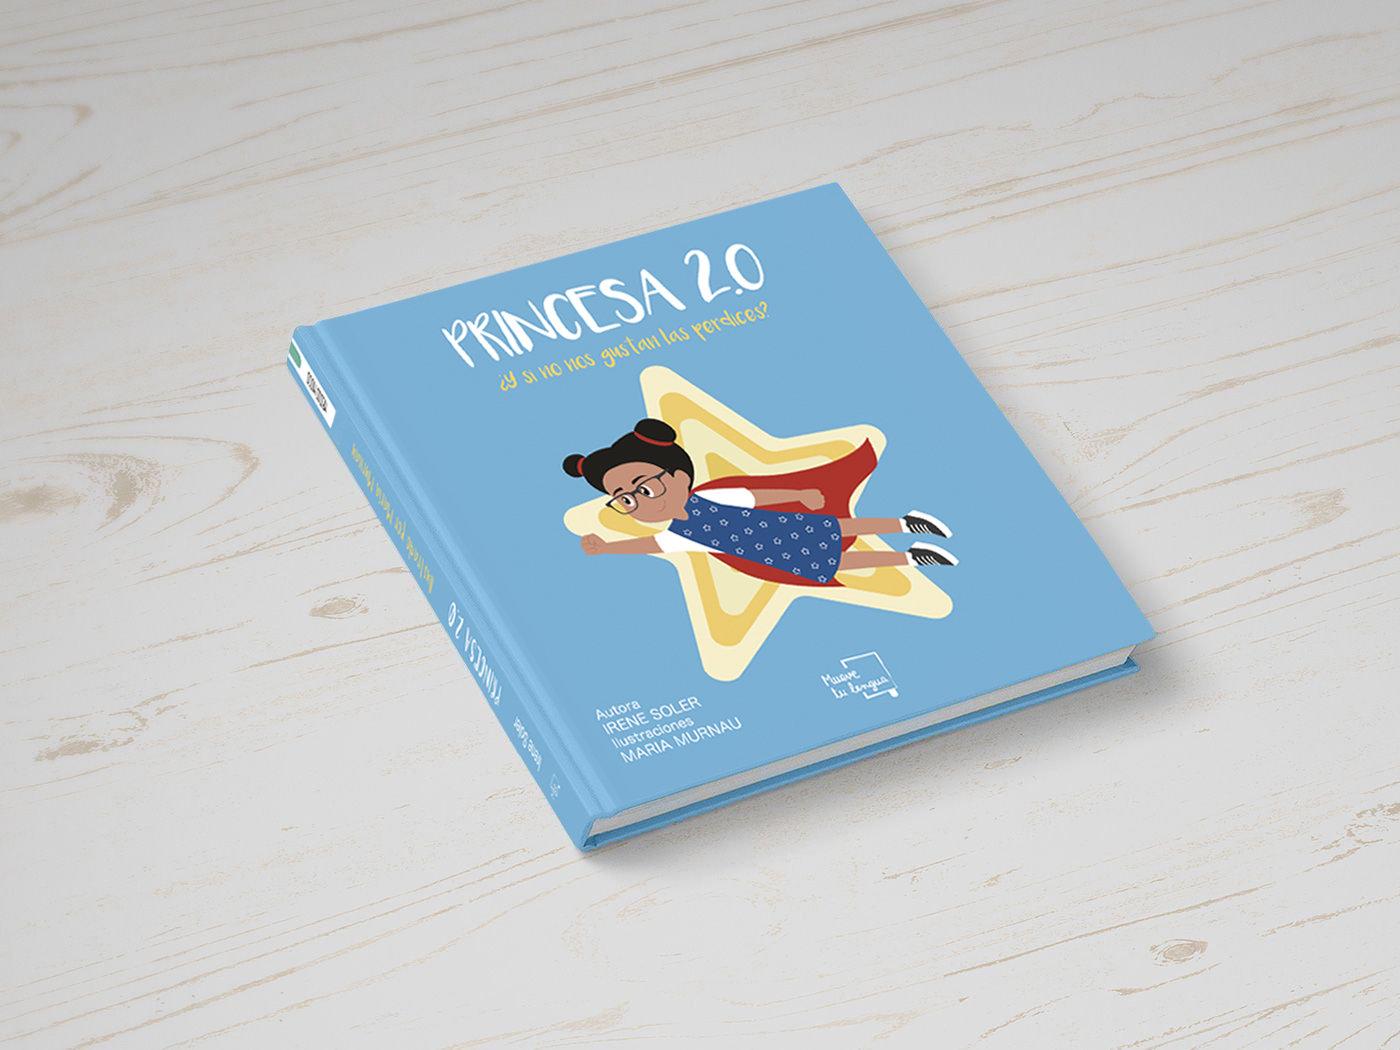 Libro Princesa 2.0